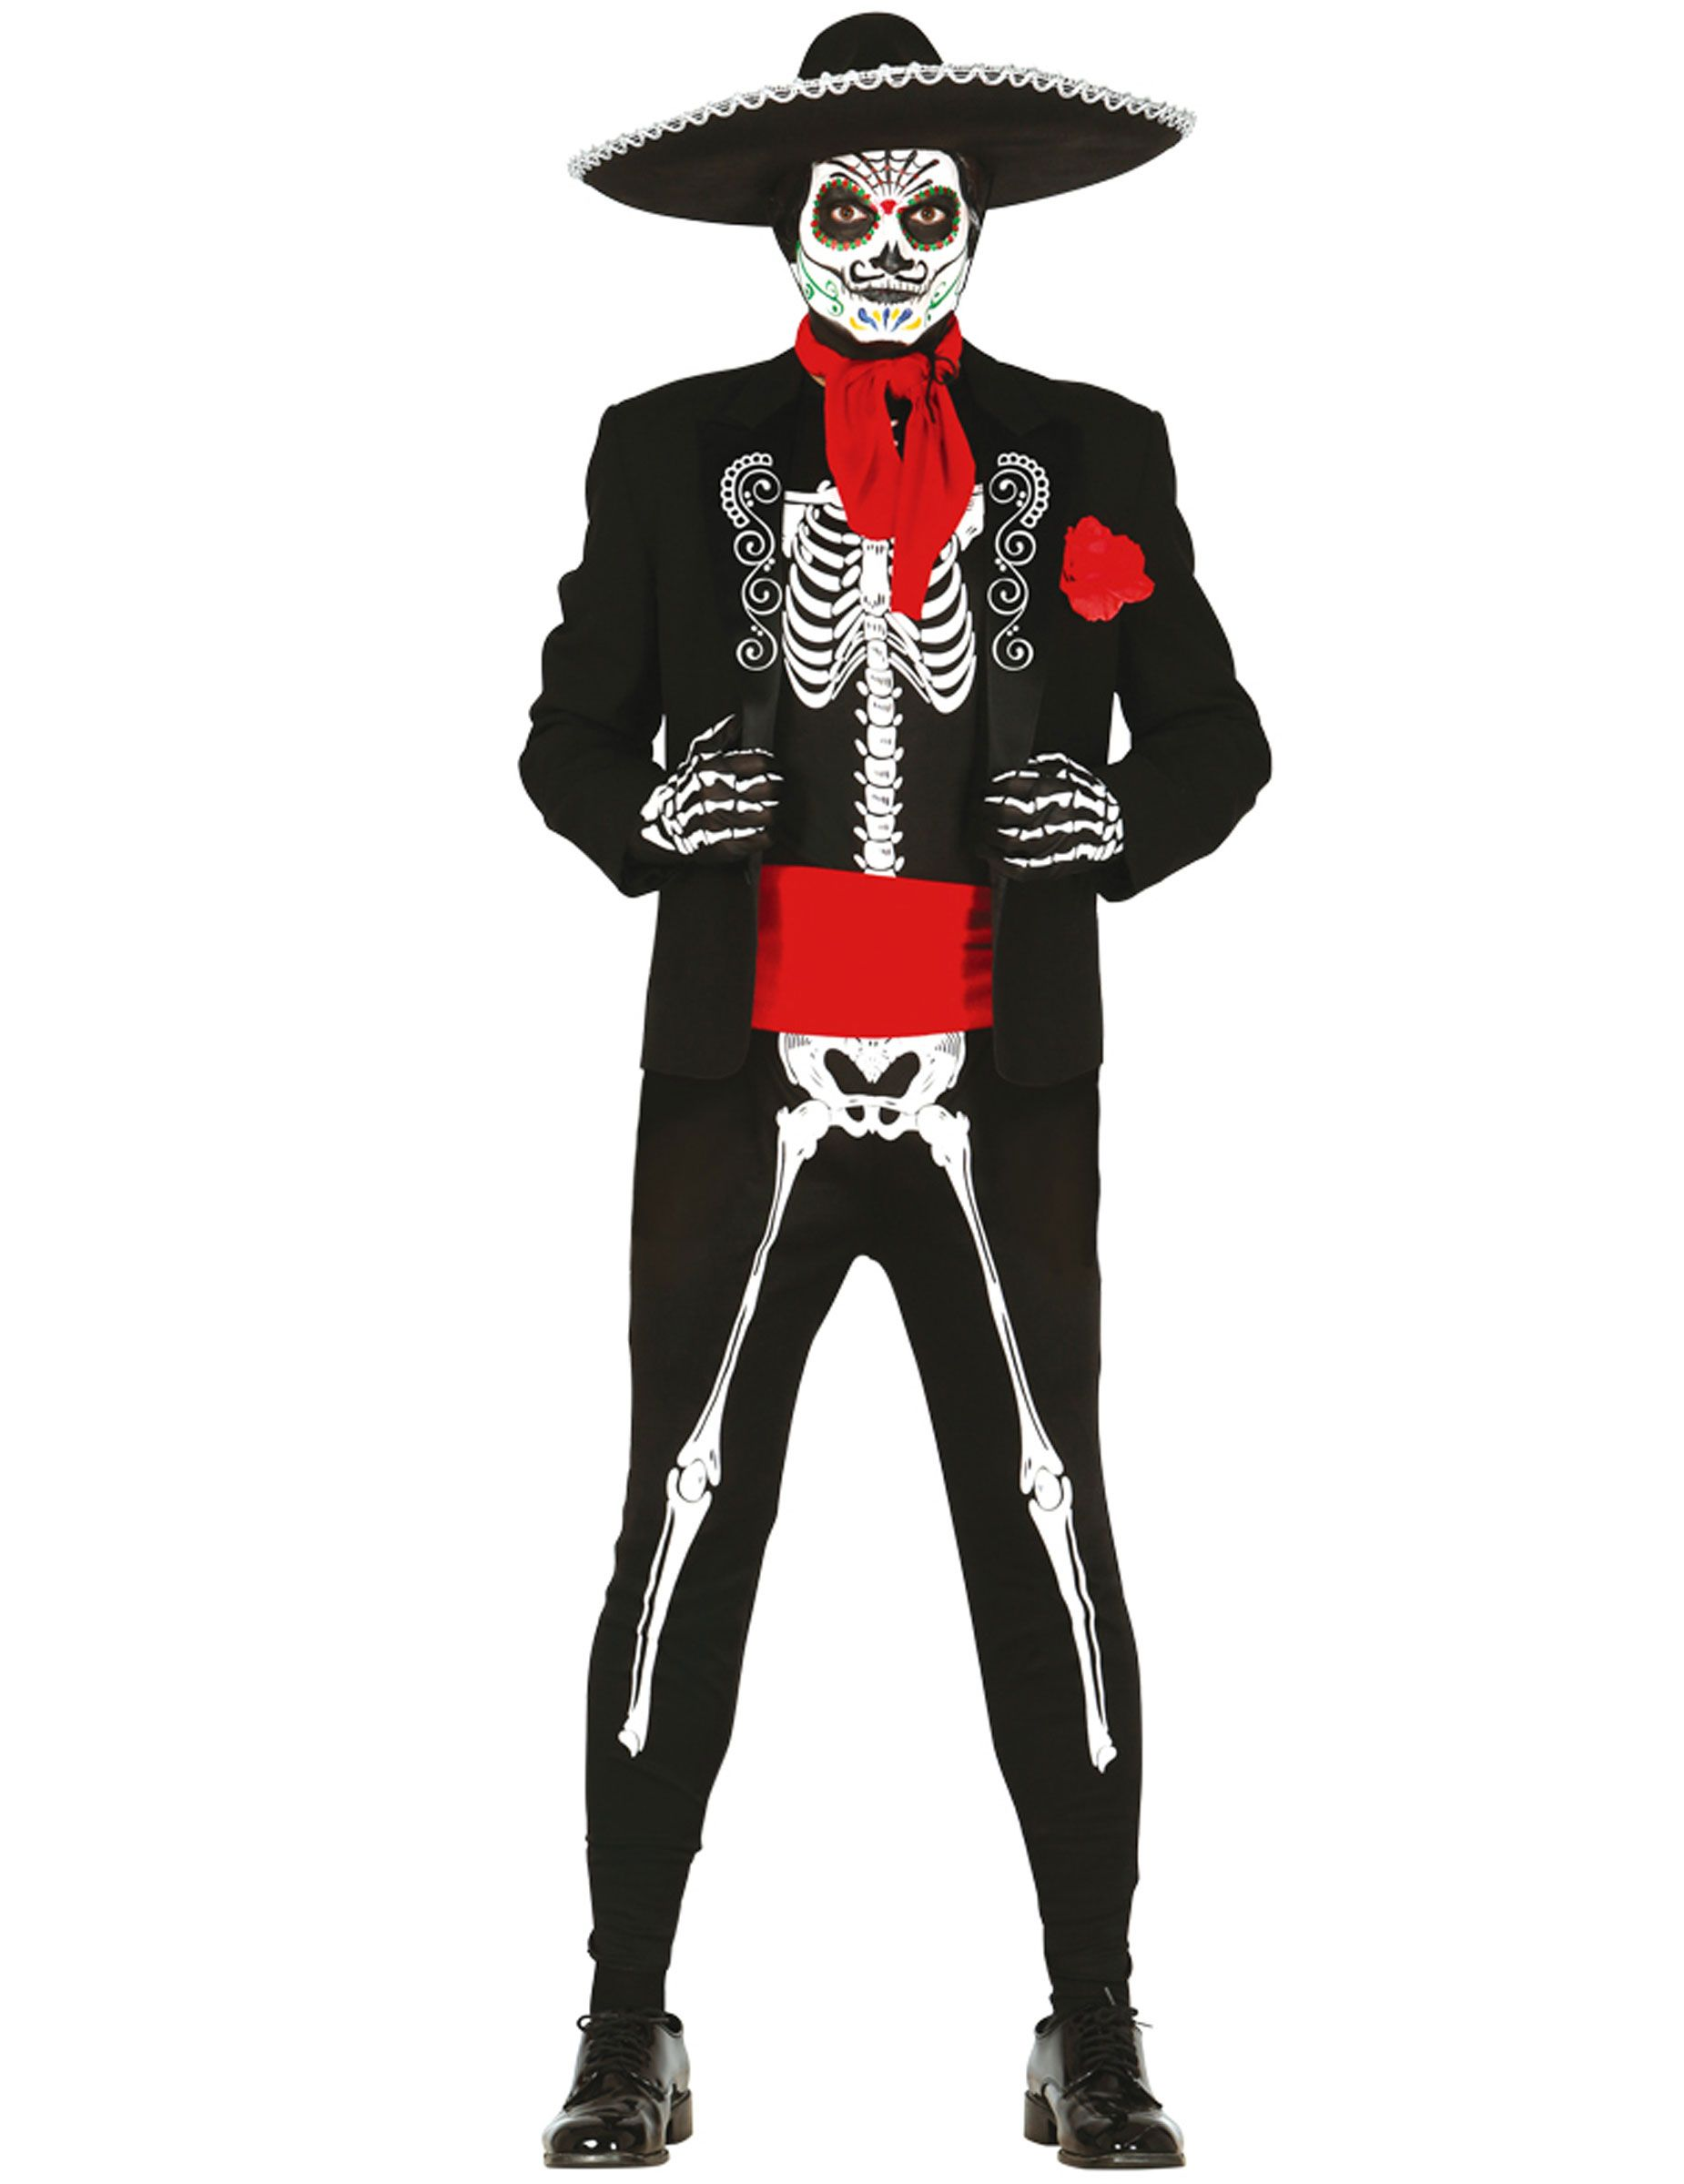 Costume scheletro messicano per uomo dia de los muertos  Questo  travestimento da scheletro messicano per d1085e95072